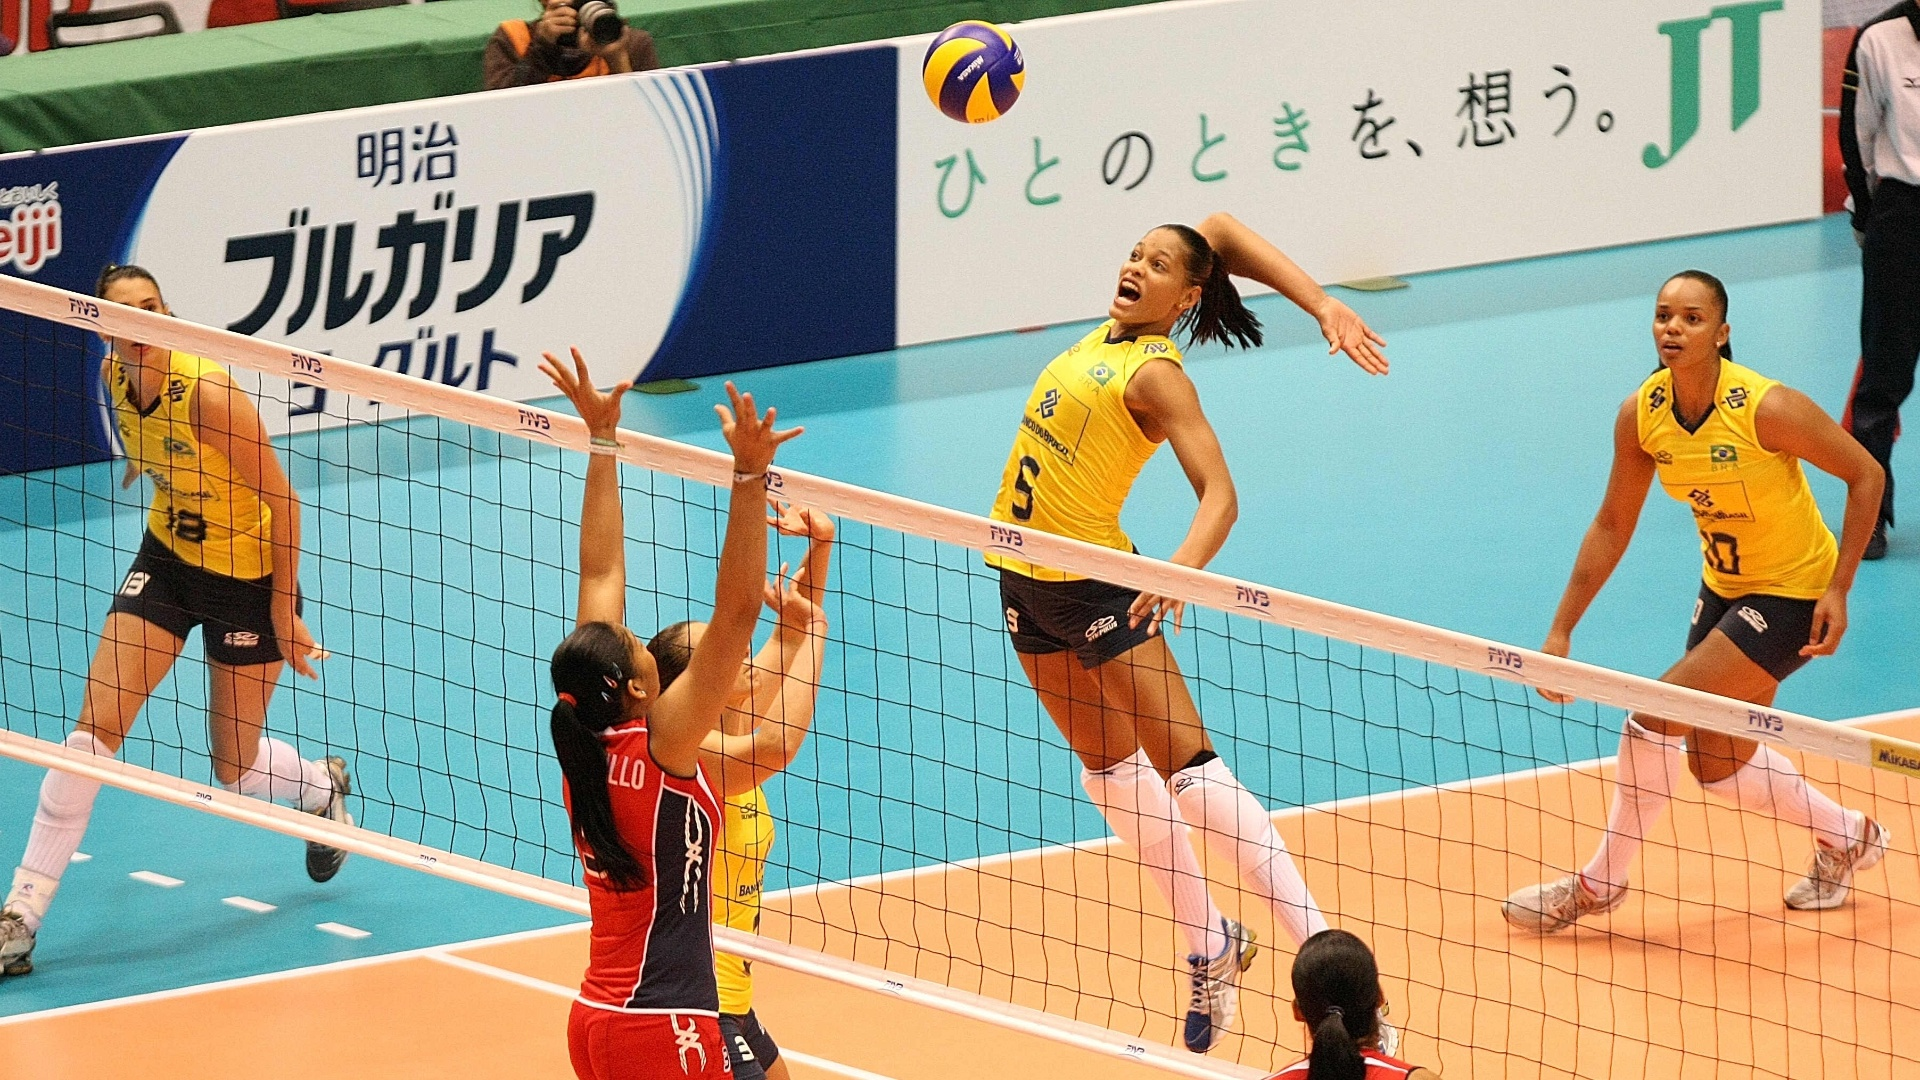 Adenízia salta para marcar ponto contra as dominicanas pela Copa do Mundo de Vôlei (18/11/2011)